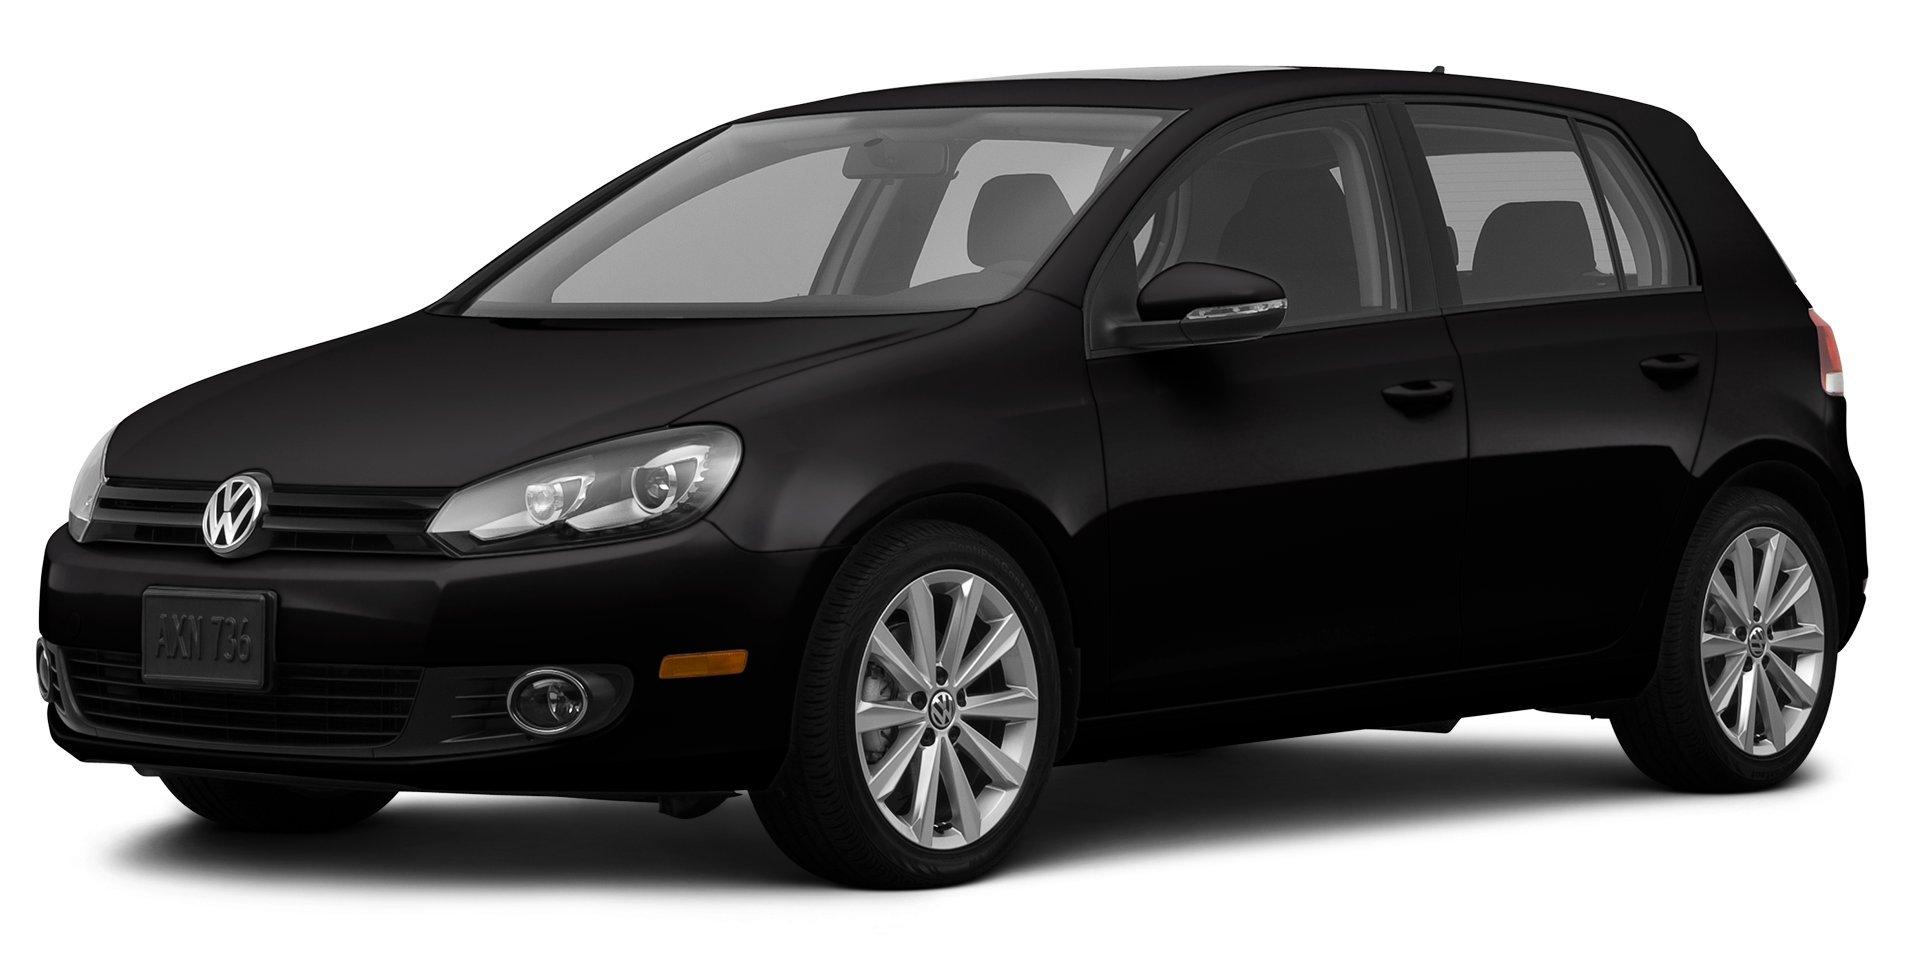 ... 2013 Volkswagen Golf TDI w/Sunroof and Navigation, 4-Door Hatchback Manual Transmission ...